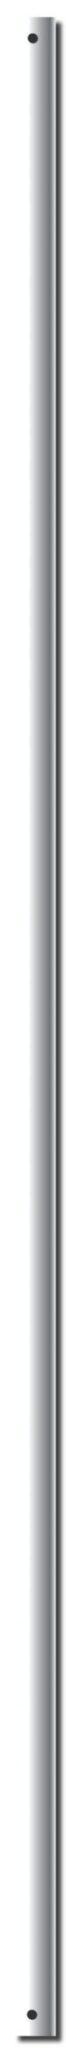 Tige Pour Ventilateur – Canarm – DR3611